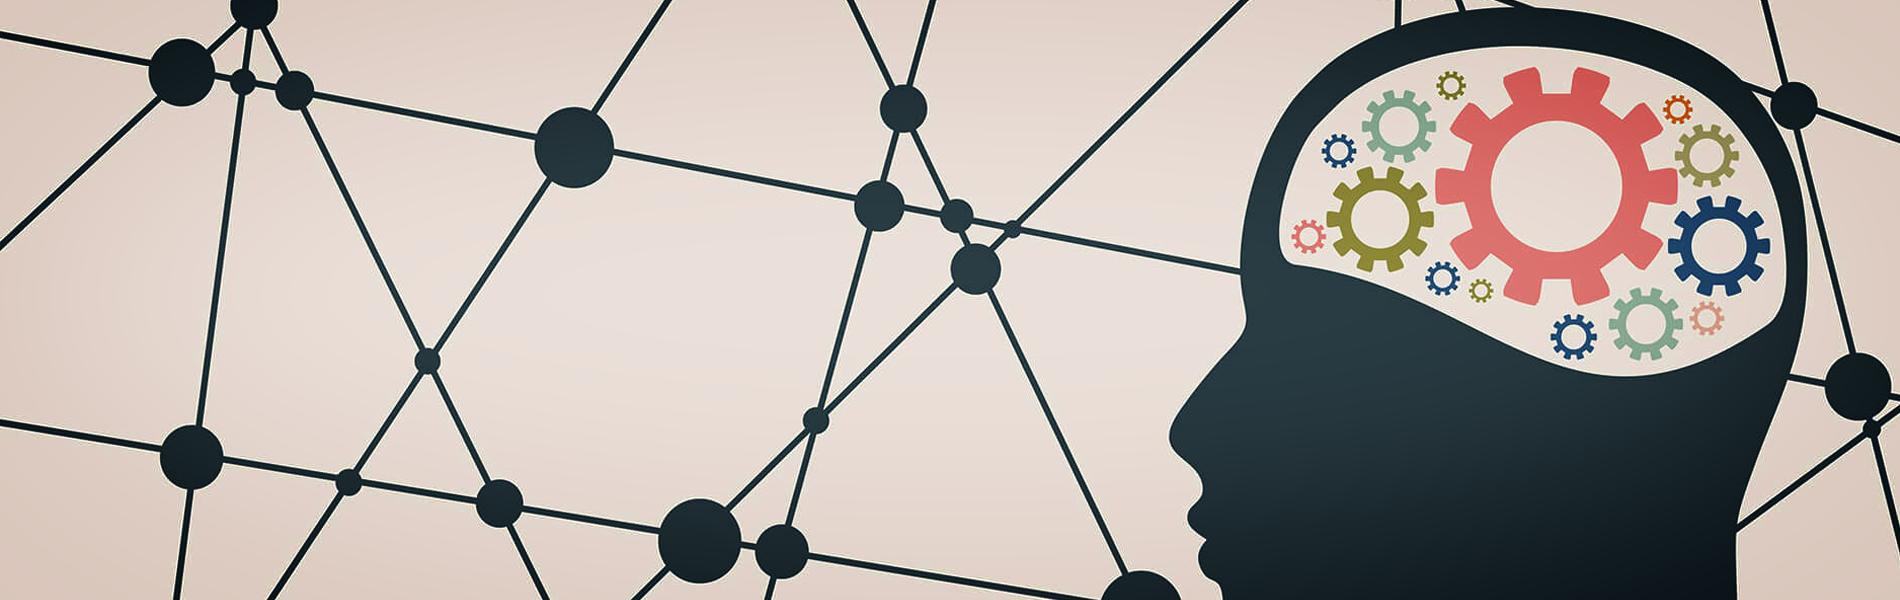 ilustração de uma silhueta de homem mostrando engrenagens no lugar do cérebro.